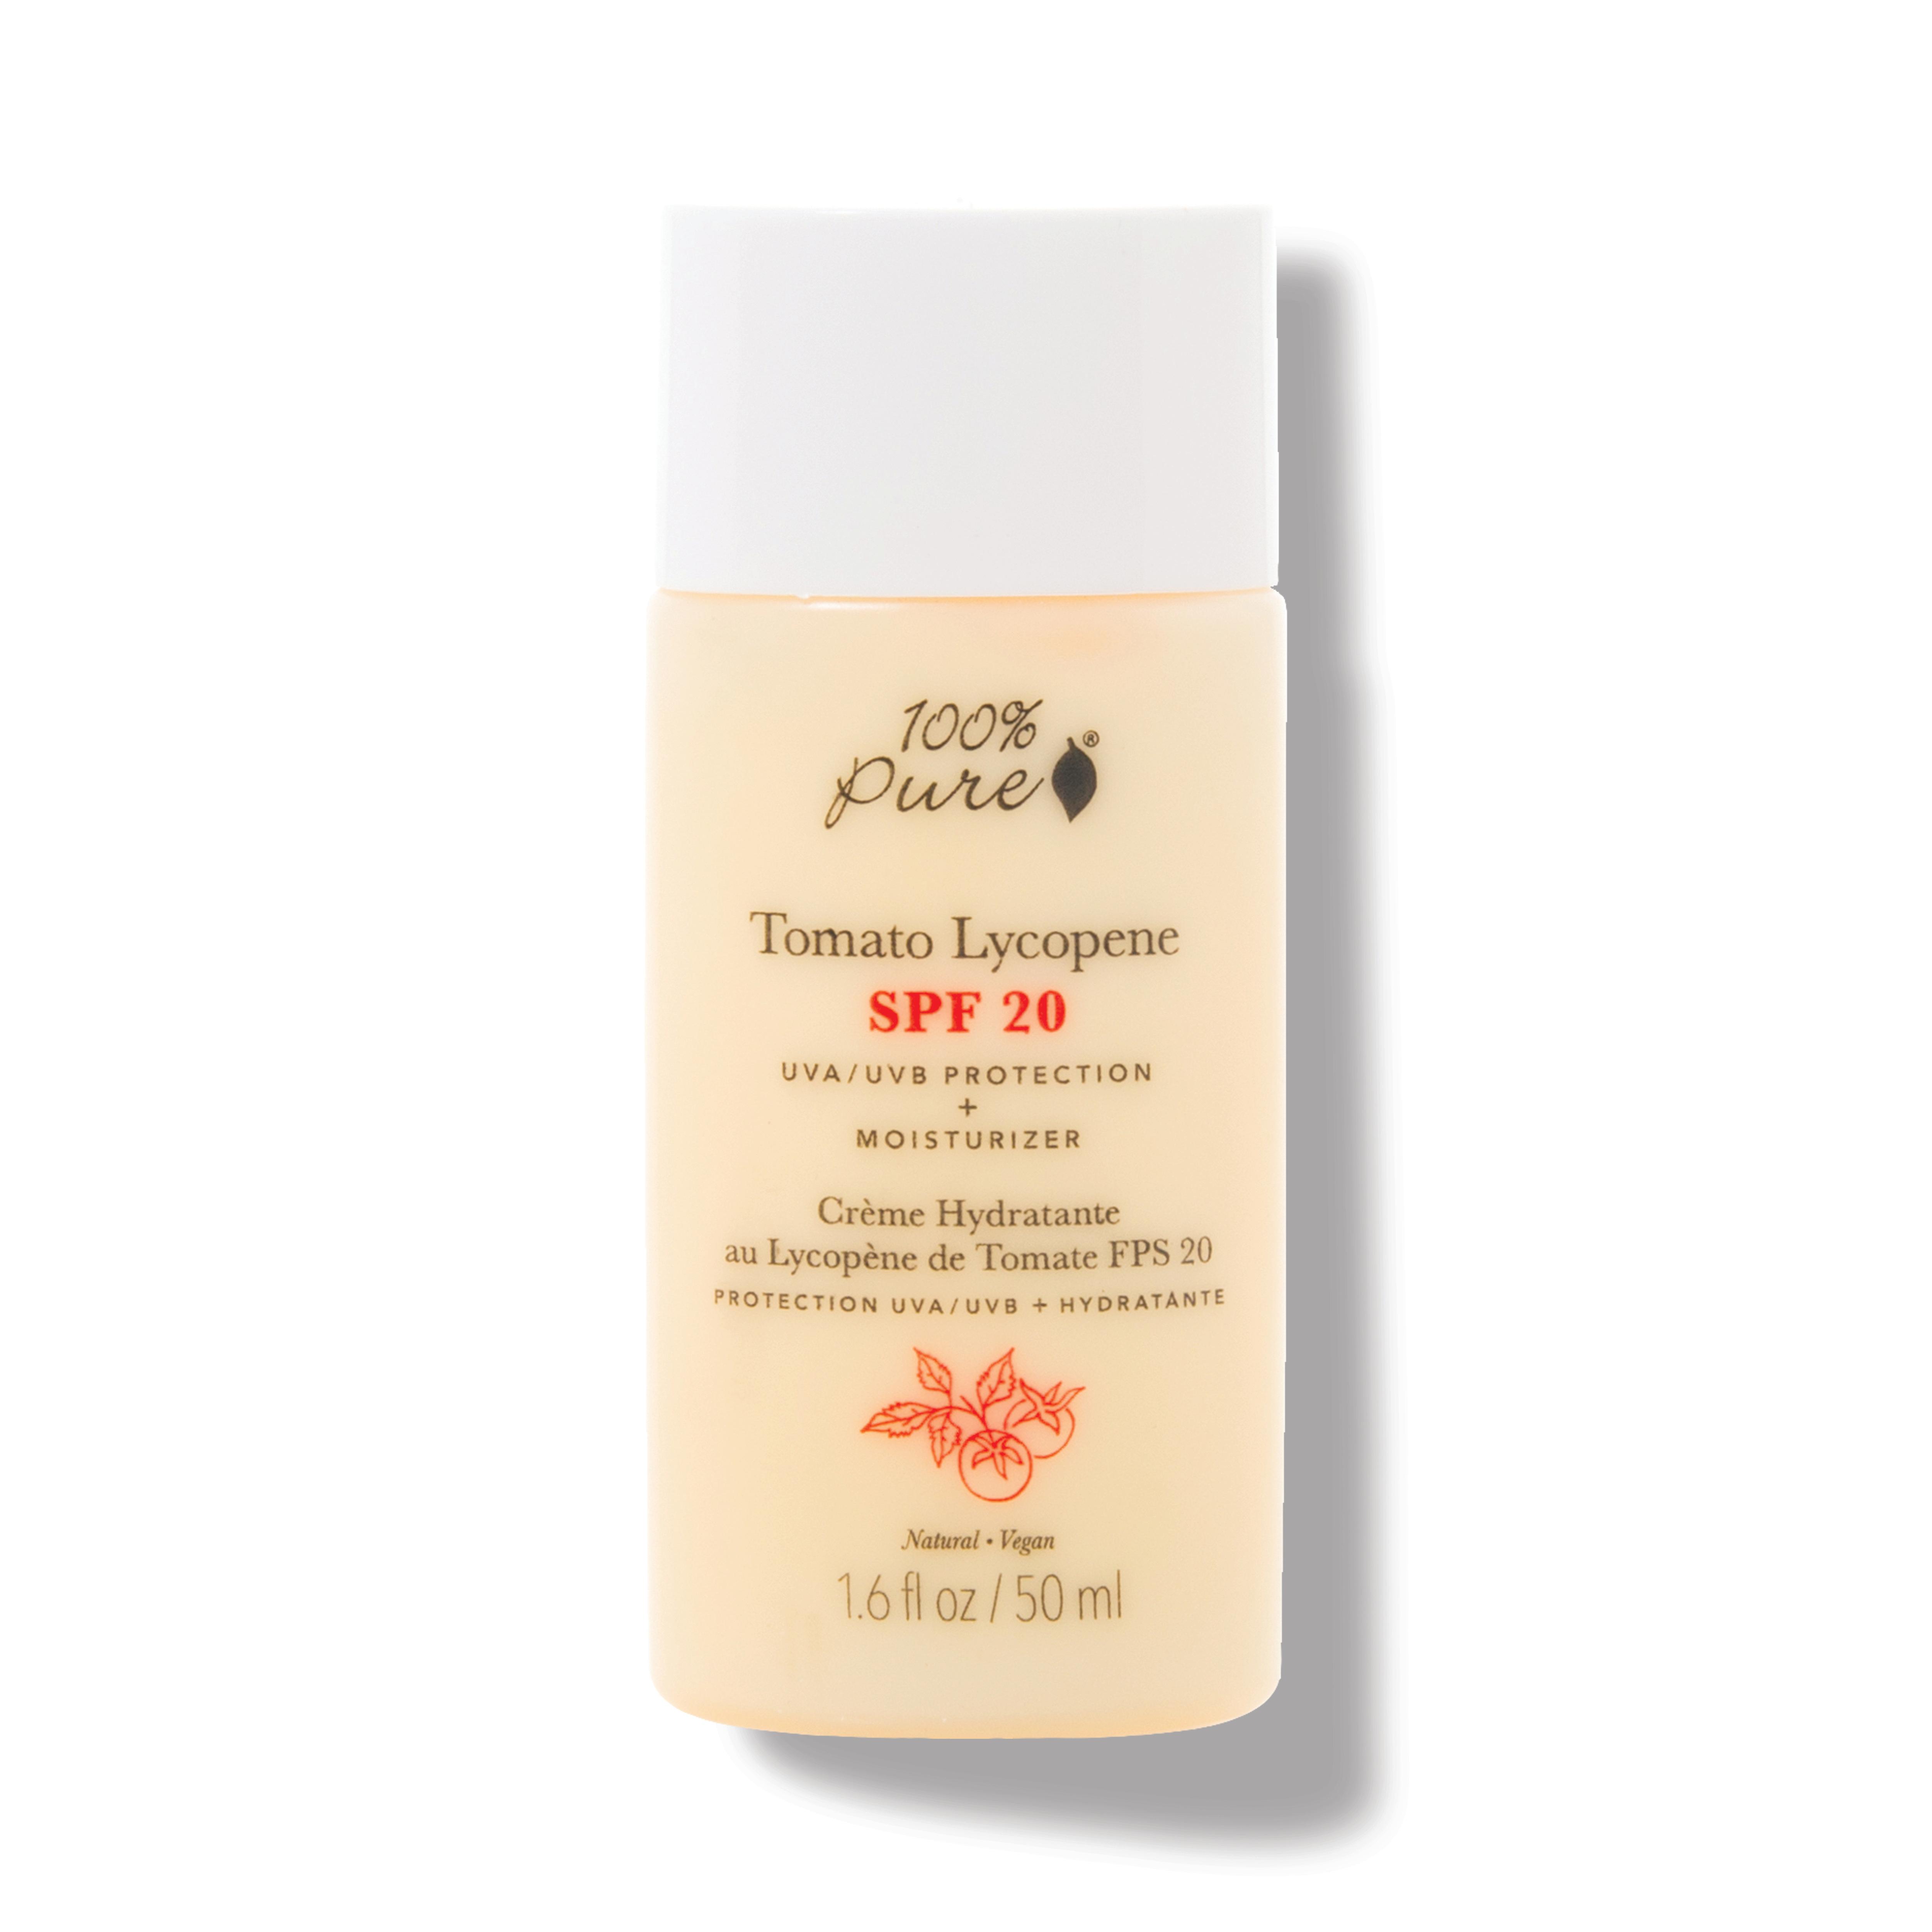 Product Grid - Tomato Lycopene SPF 20 Moisturizer